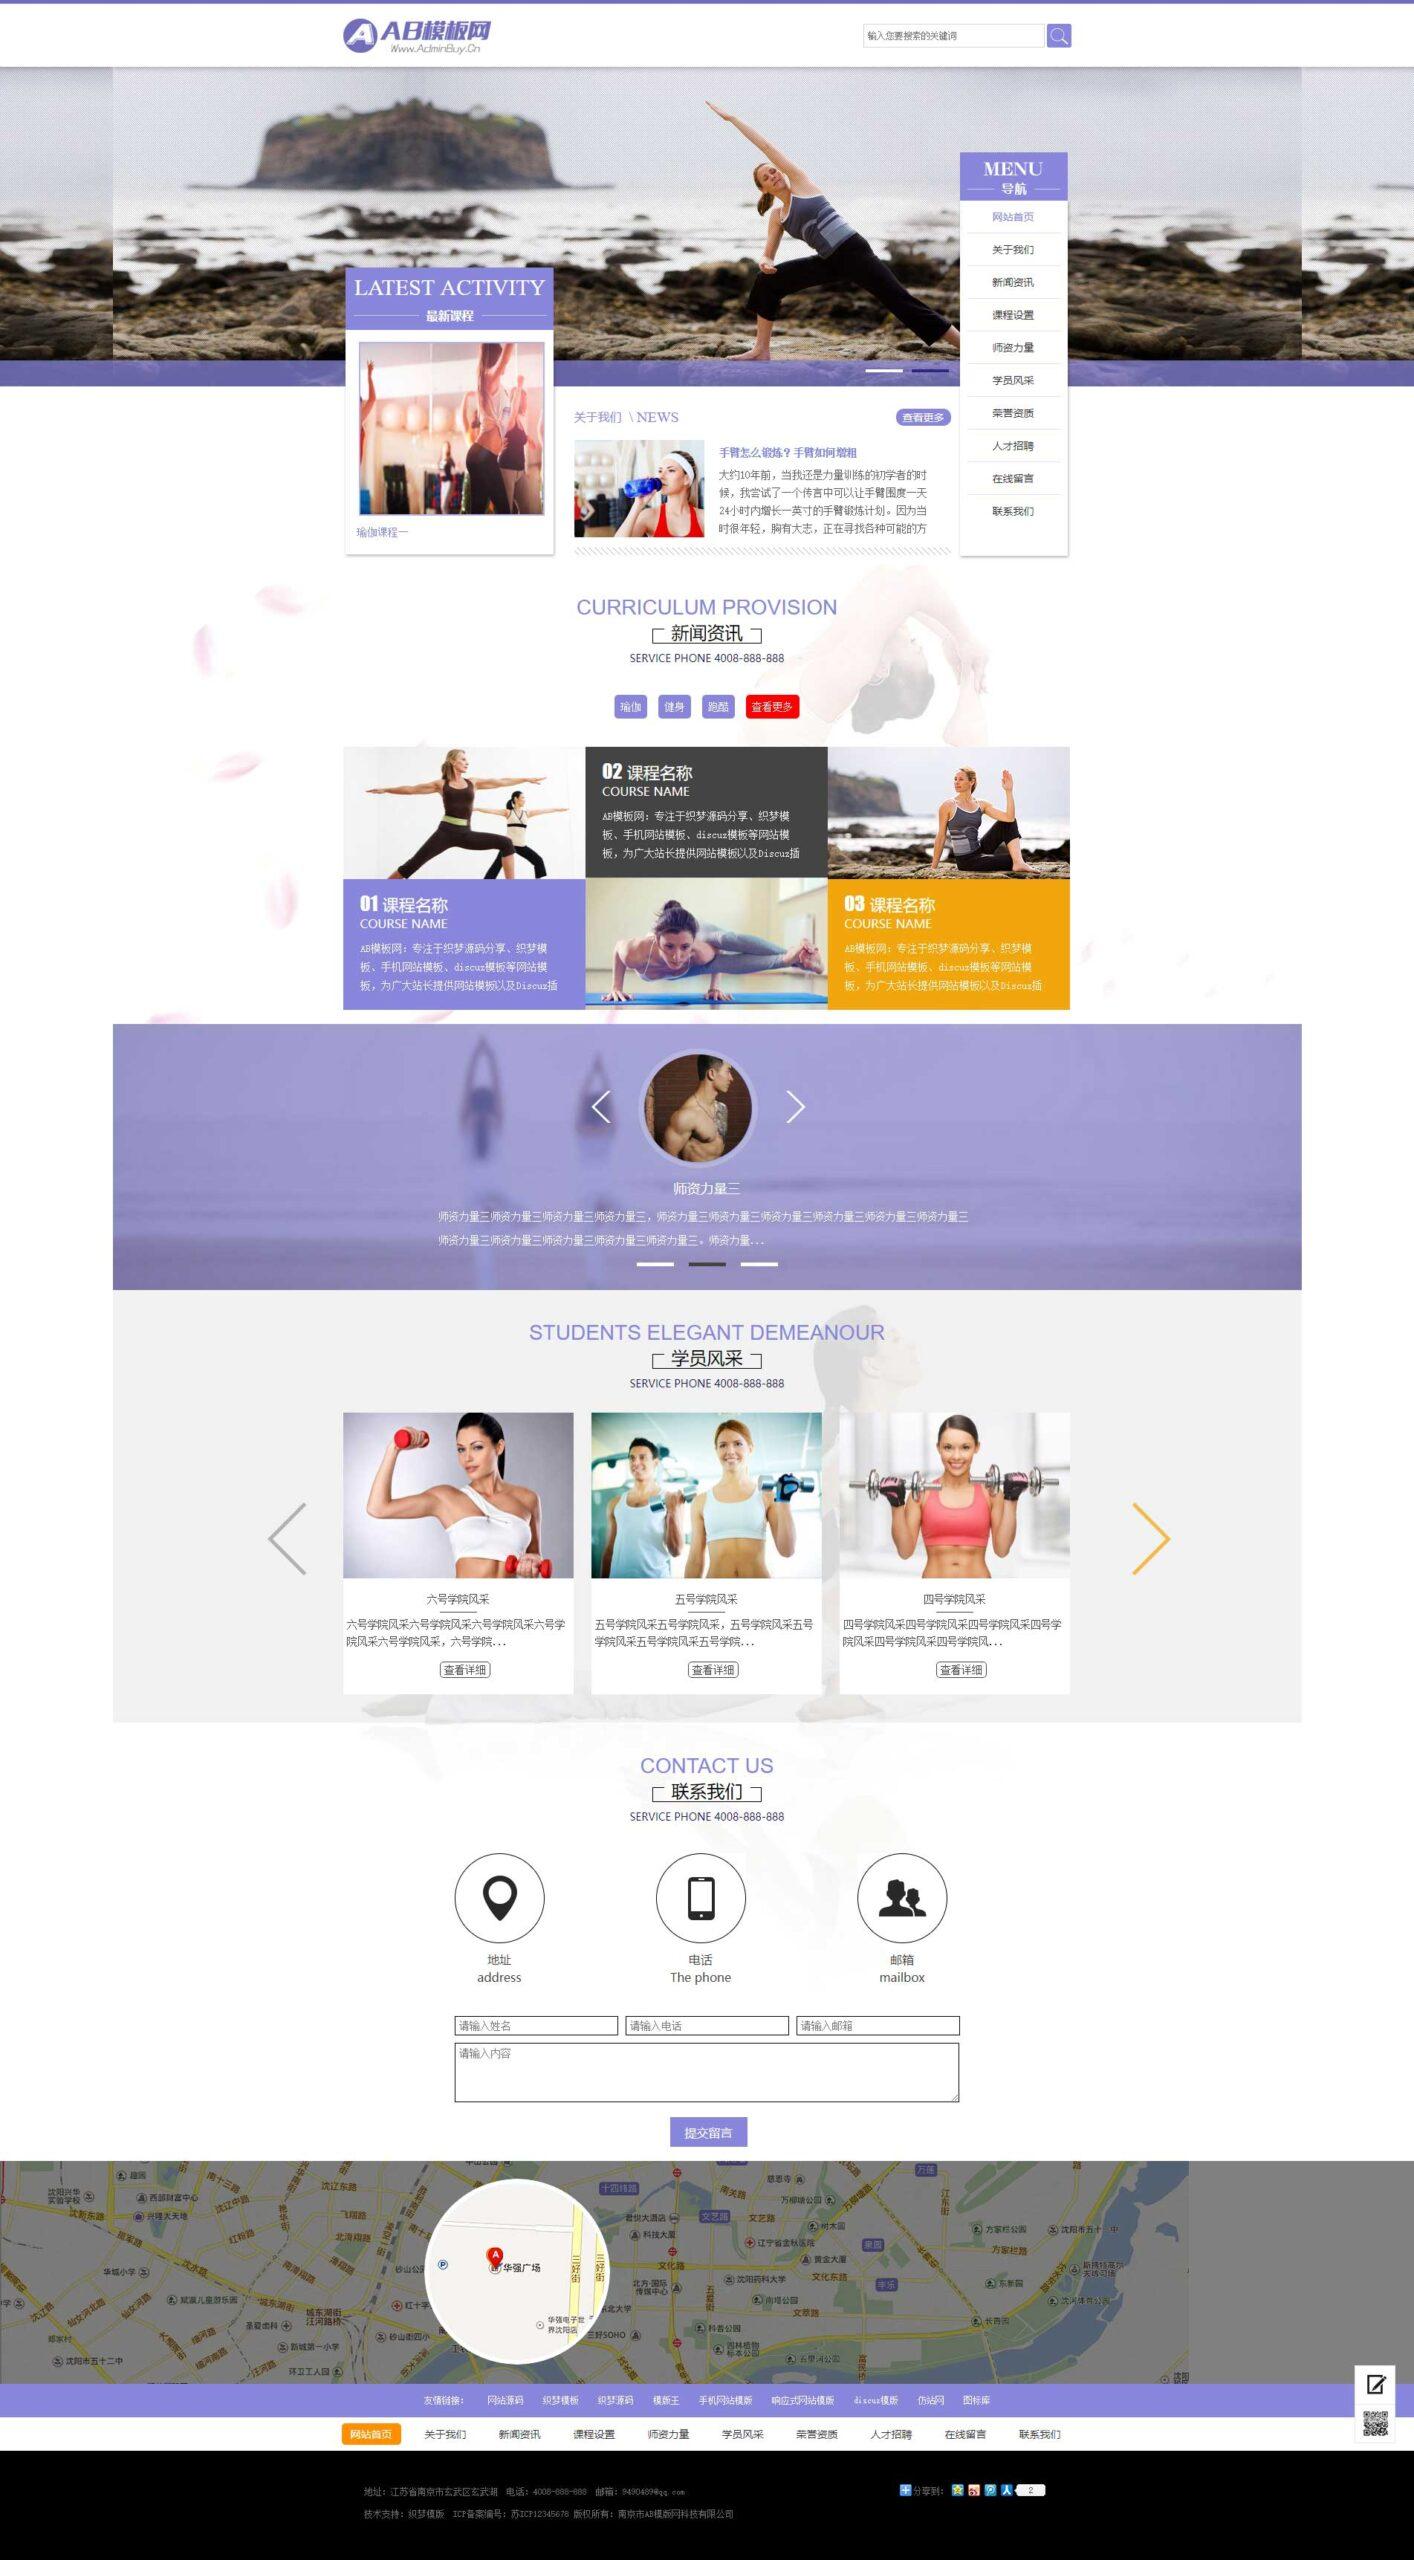 瑜伽培训网站织梦dede模板源码[带手机版数据同步]插图